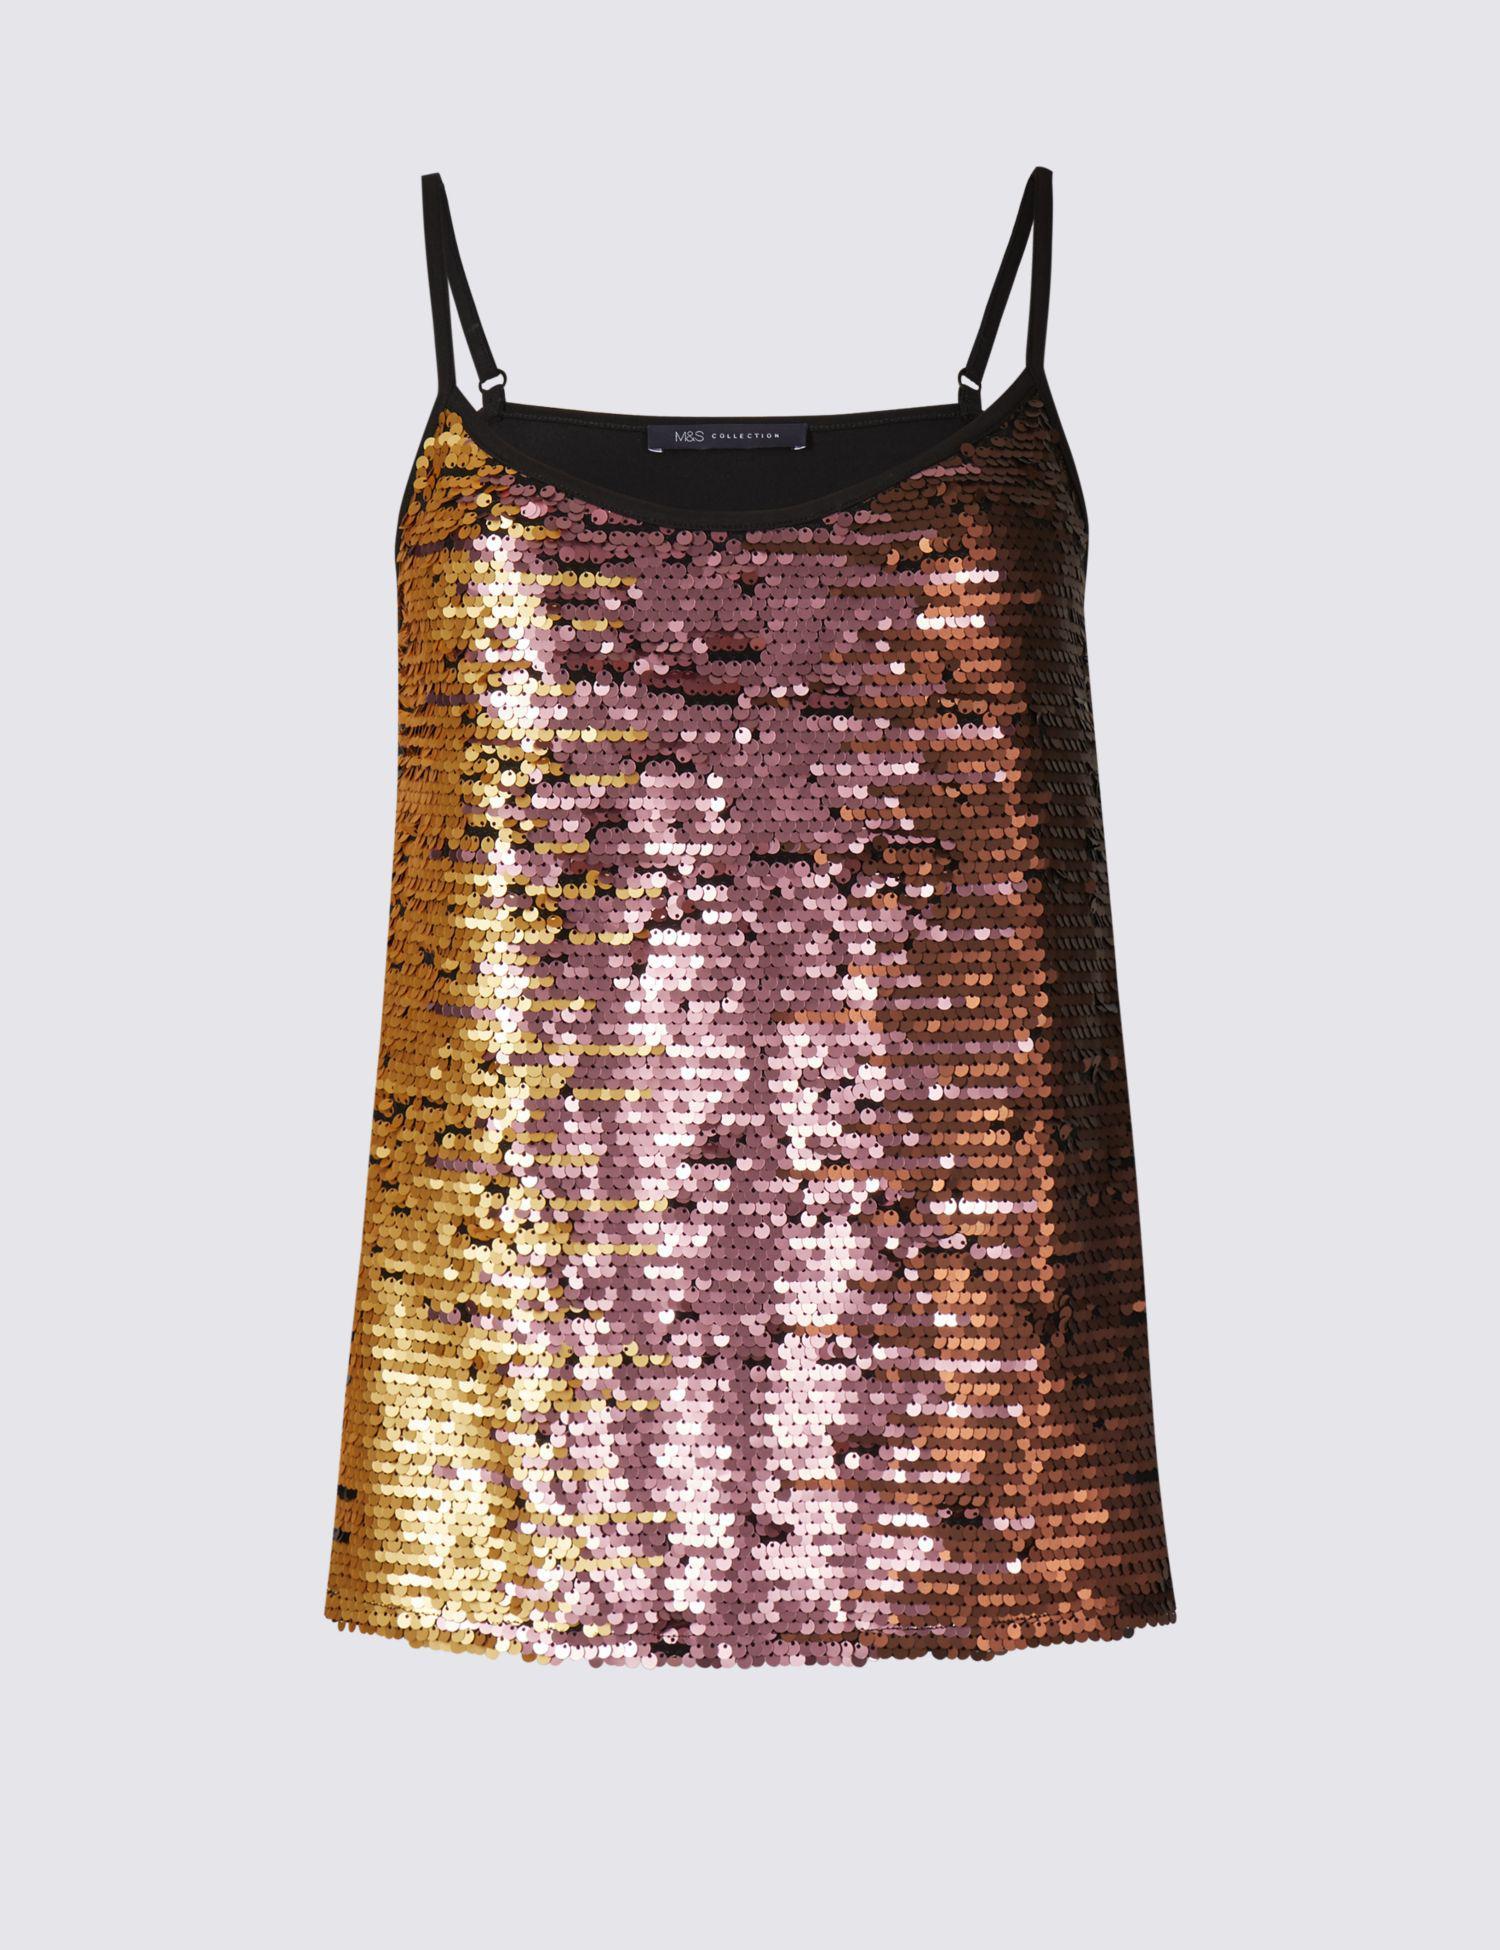 484bb0dbe7a723 Marks & Spencer Embellished V-neck Vest Top in Pink - Lyst